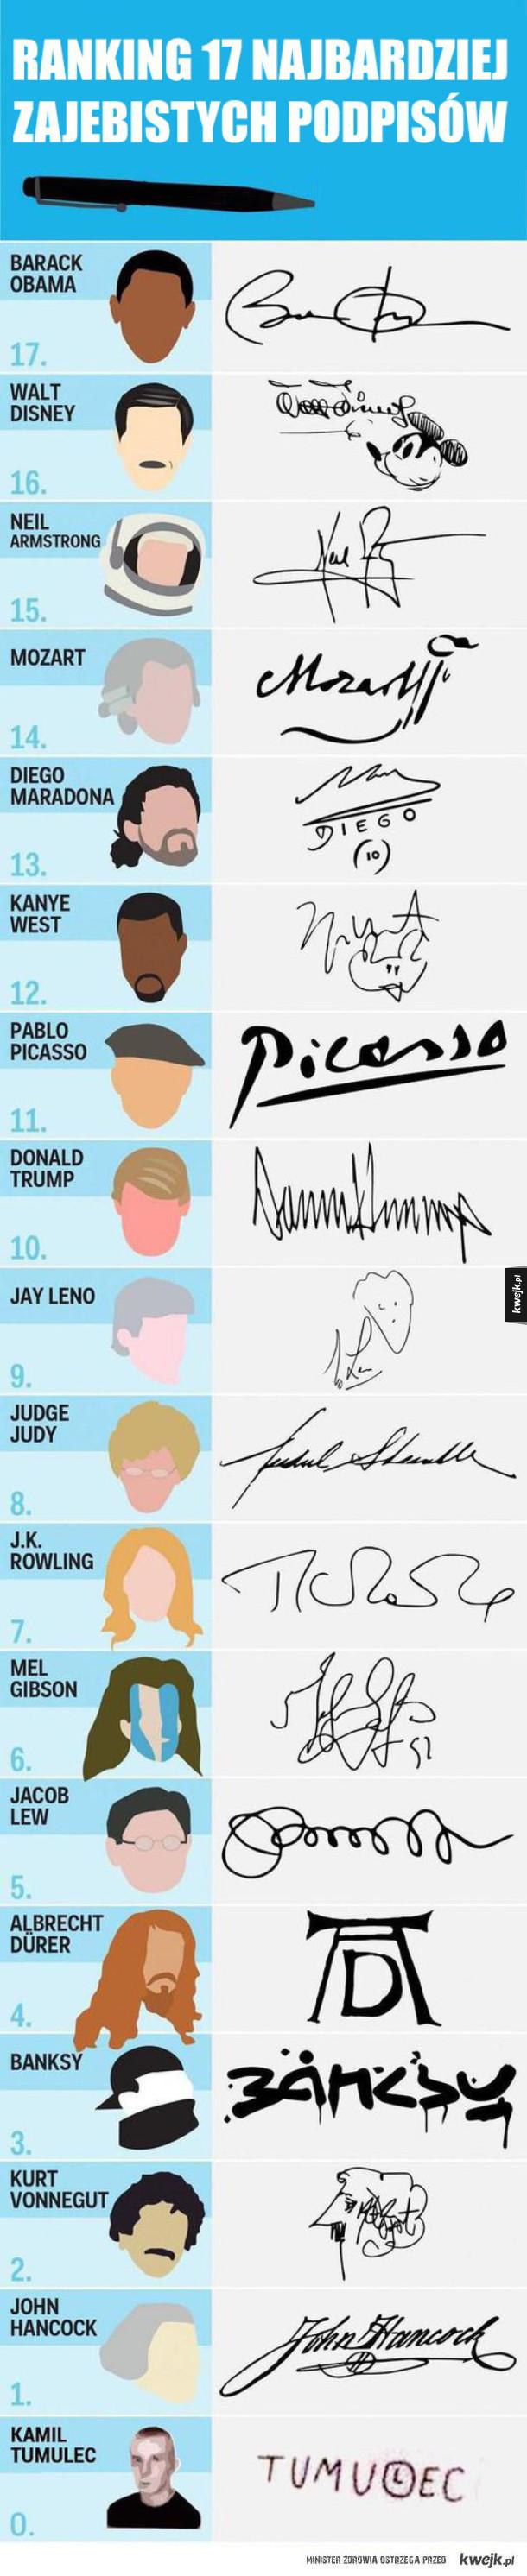 17 najpiękniejszych podpisów